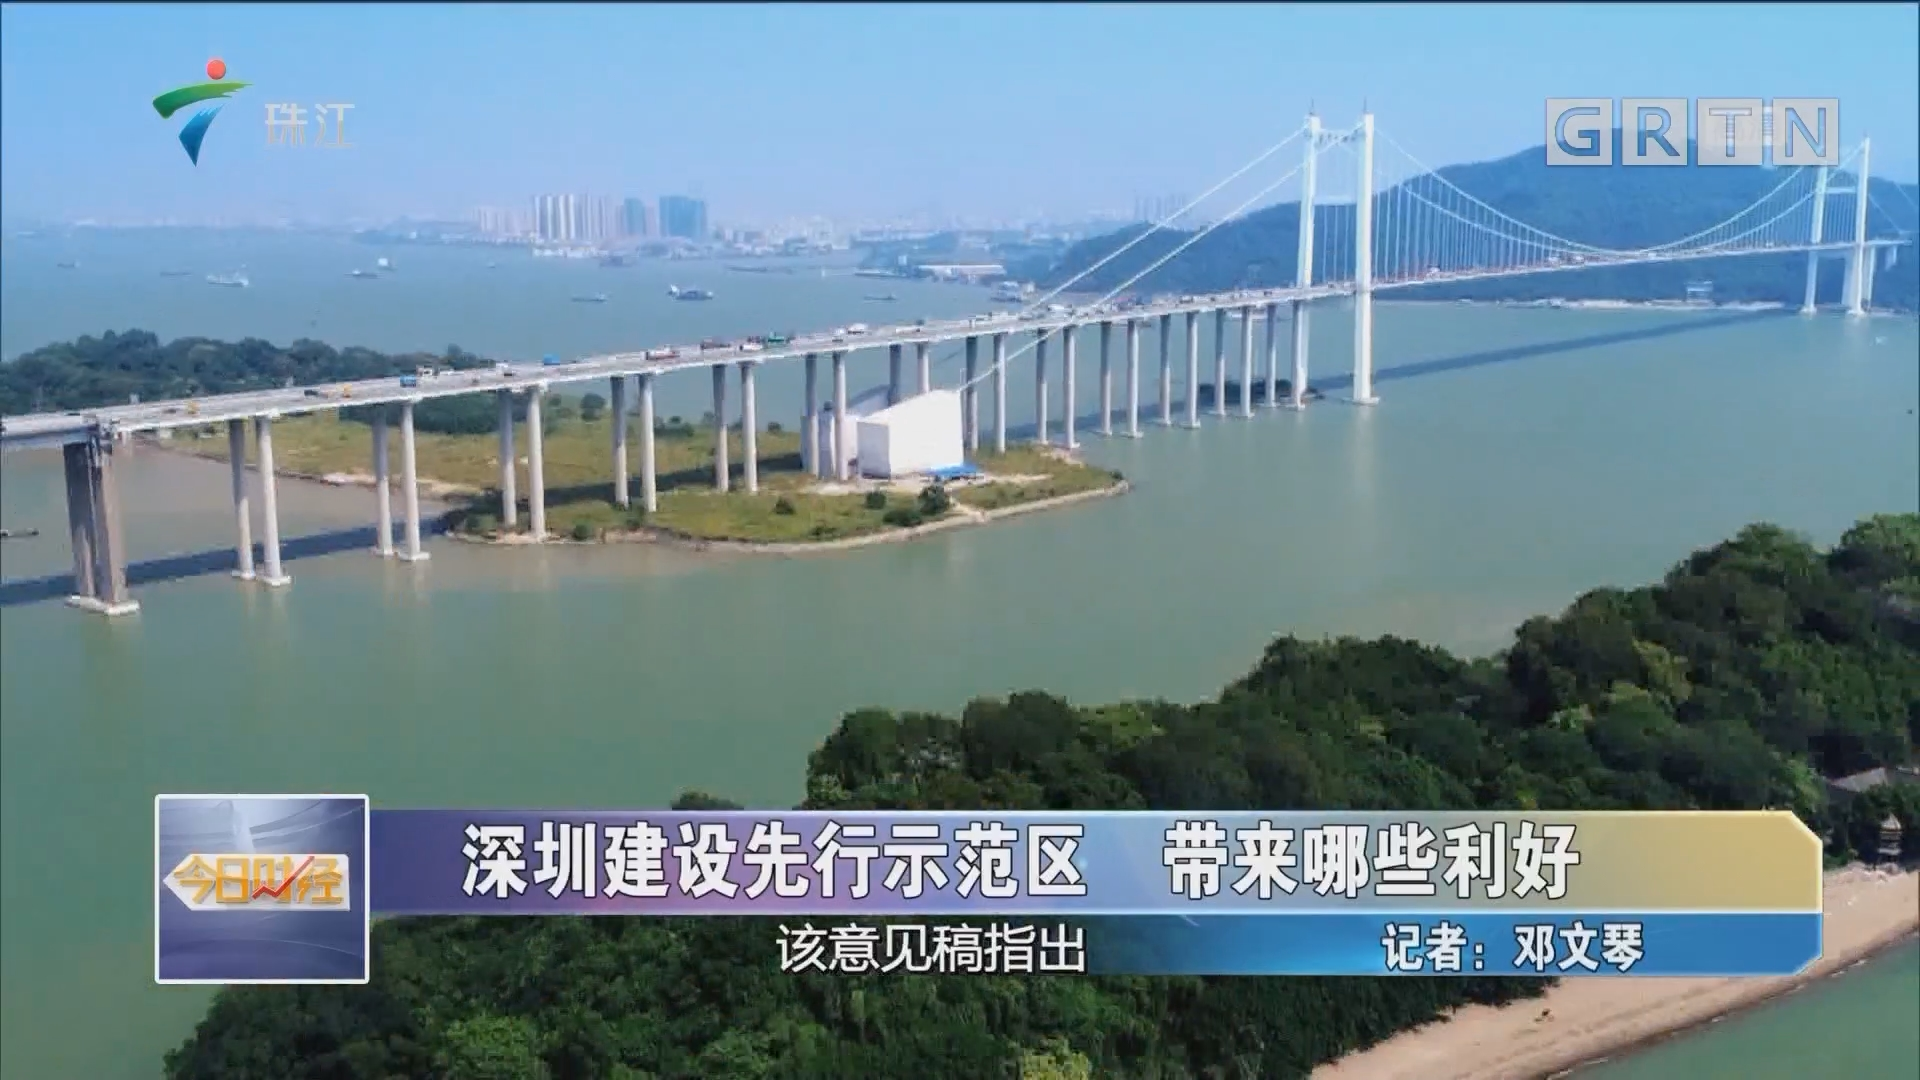 深圳建设先行示范区 带来哪些利好